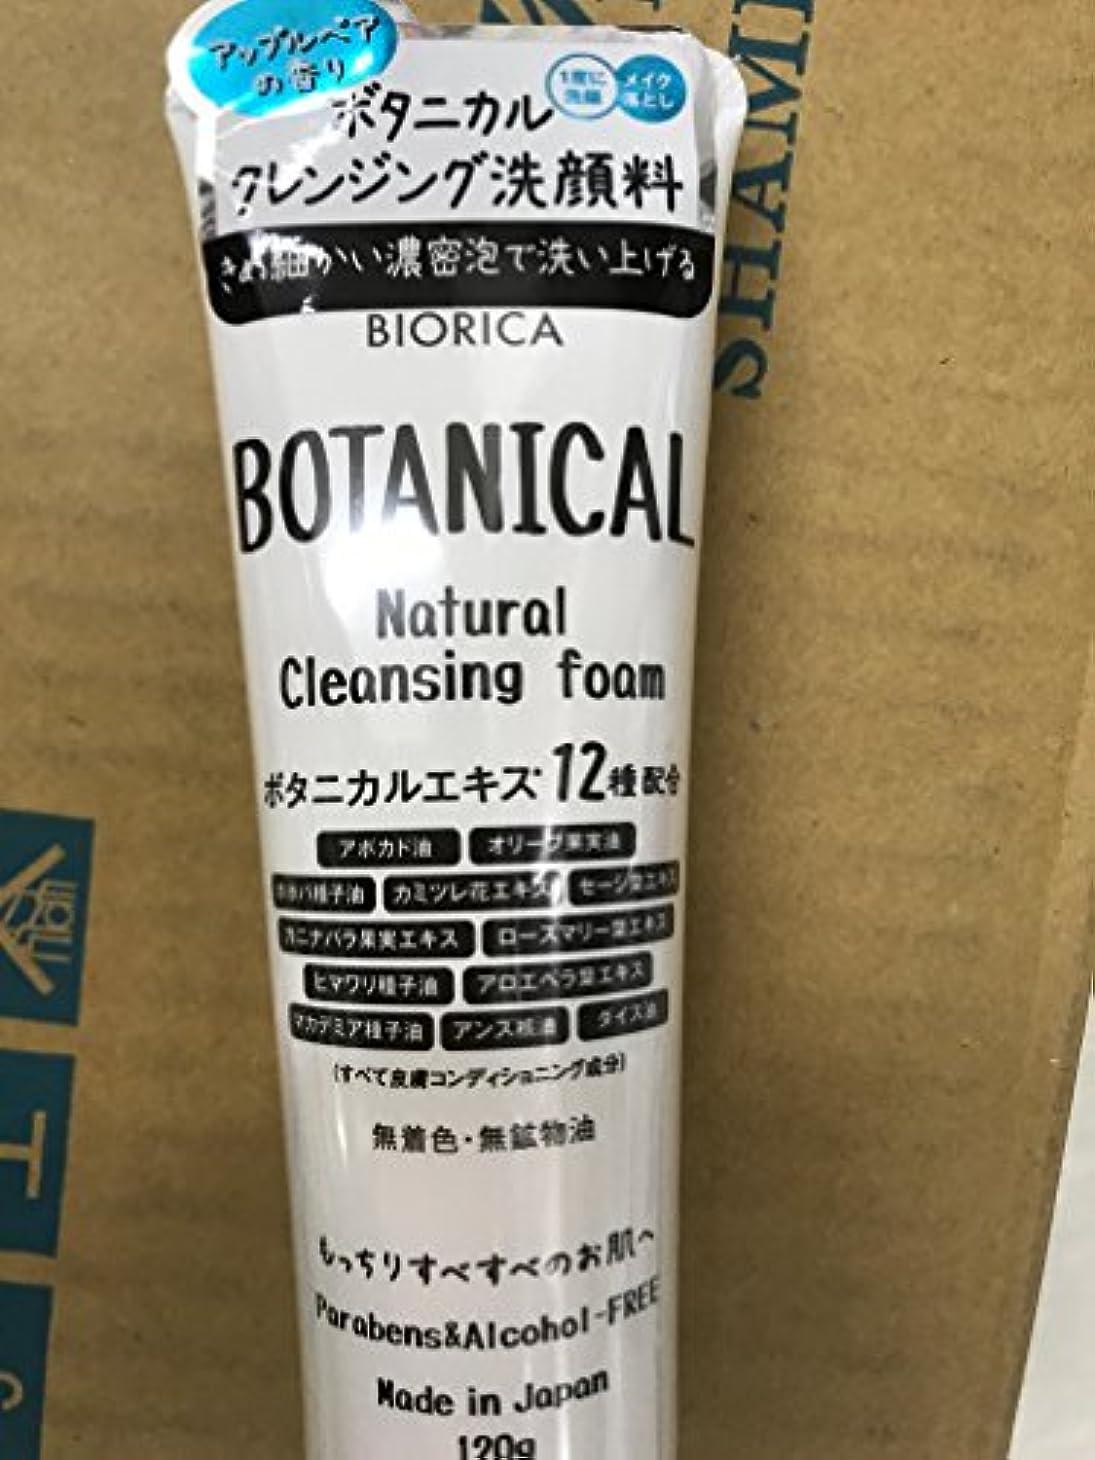 コミットメント従来の乱雑なビオリカ クレジンク洗顔